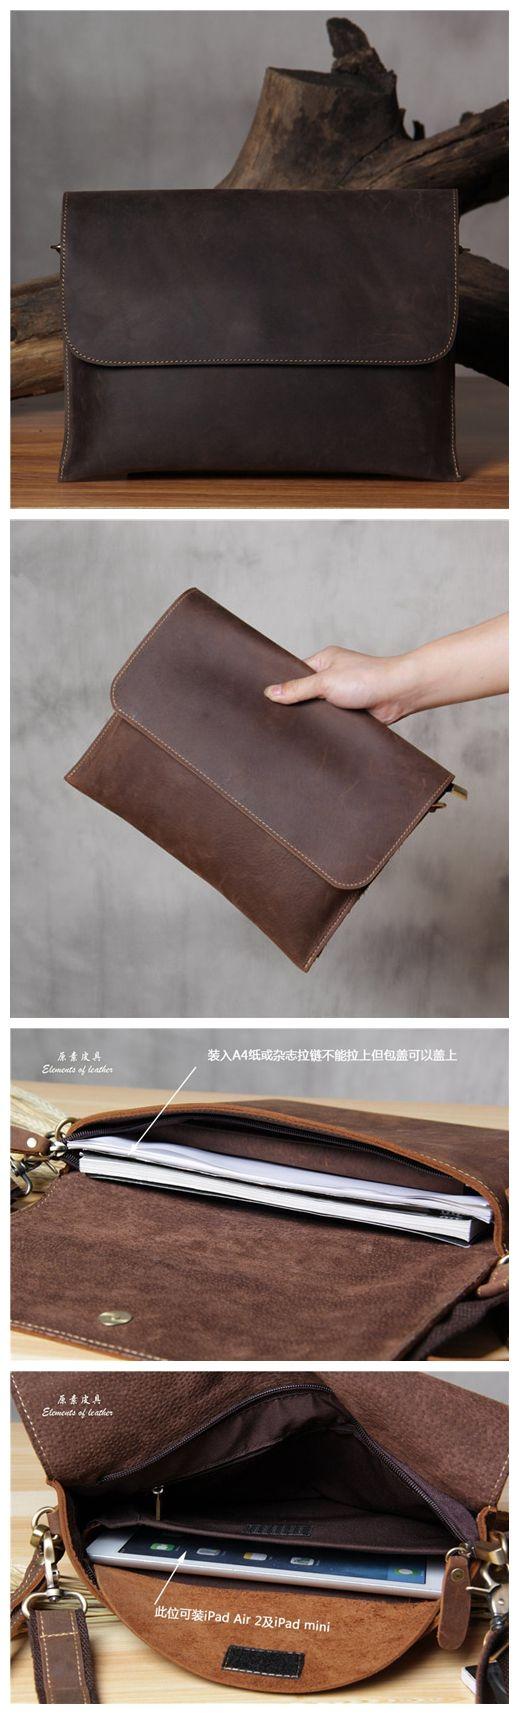 Handmade Genuine Leather Messenger Shoulder Bag, Satchel Bag